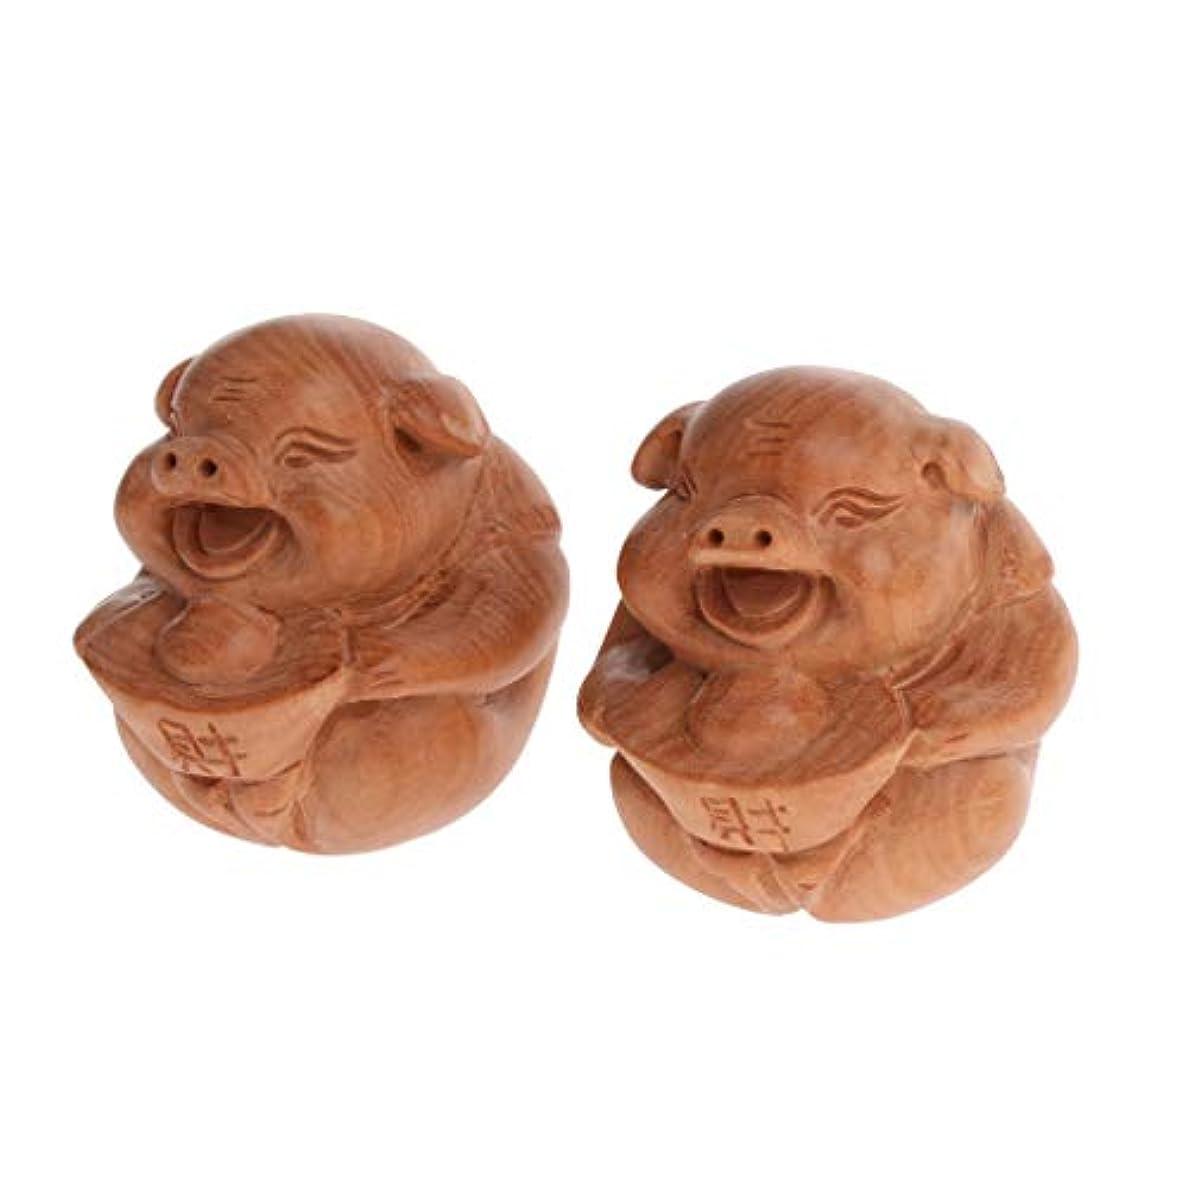 俳優認める社会dailymall 1ペア木製中国健康運動ストレスリラクゼーション療法保定ボール